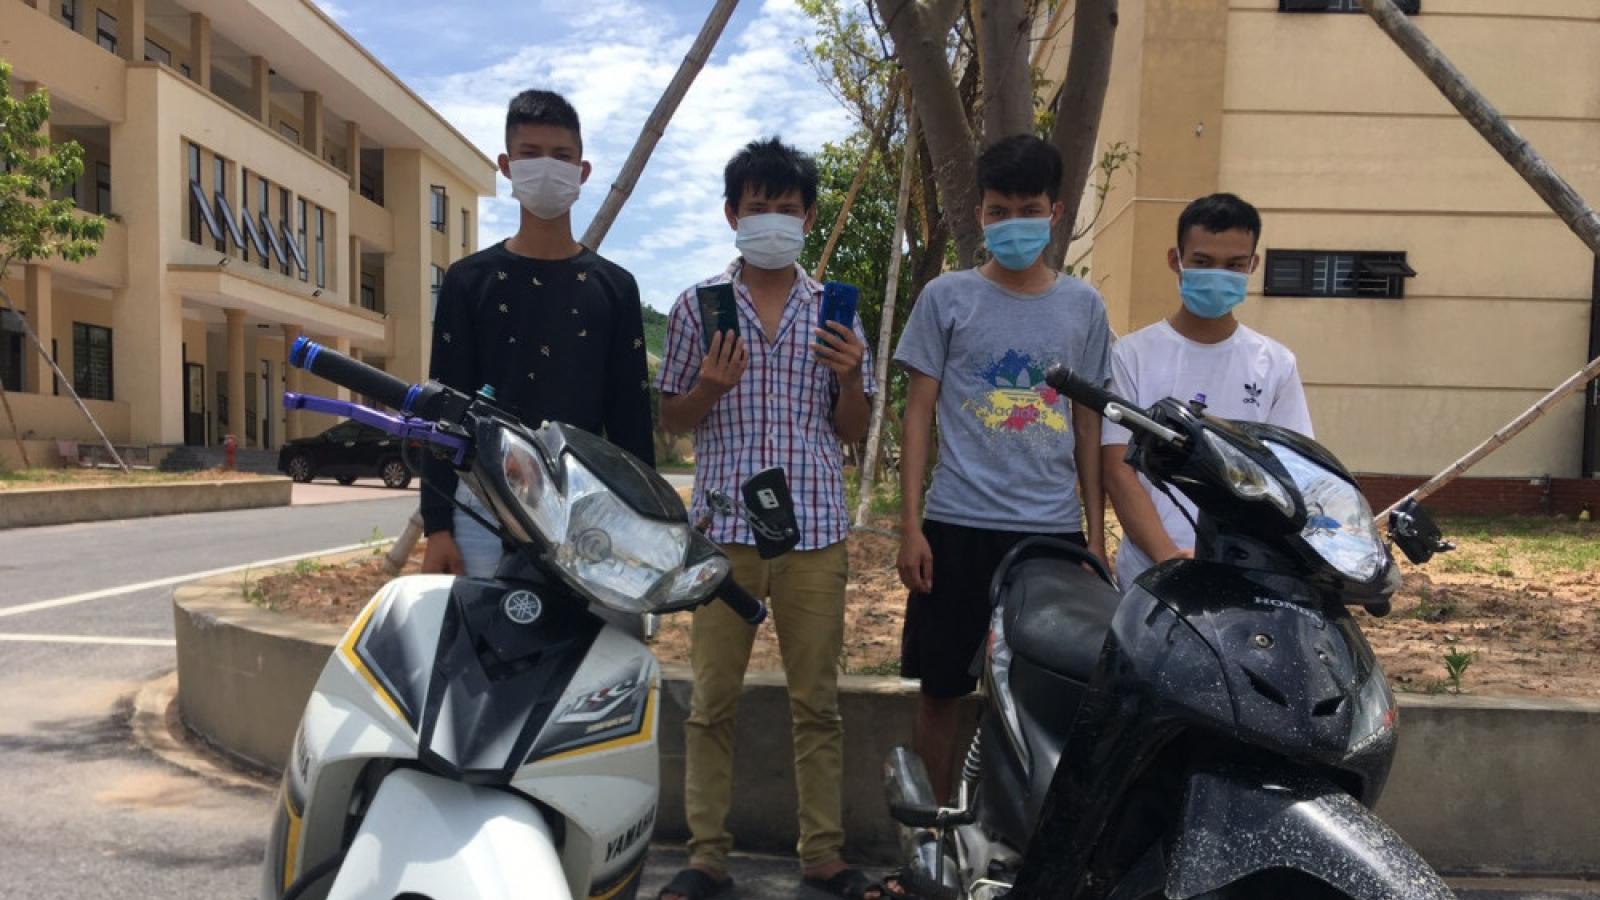 Bốn thanh niên chặn đường 2 bé gái cướp tài sản